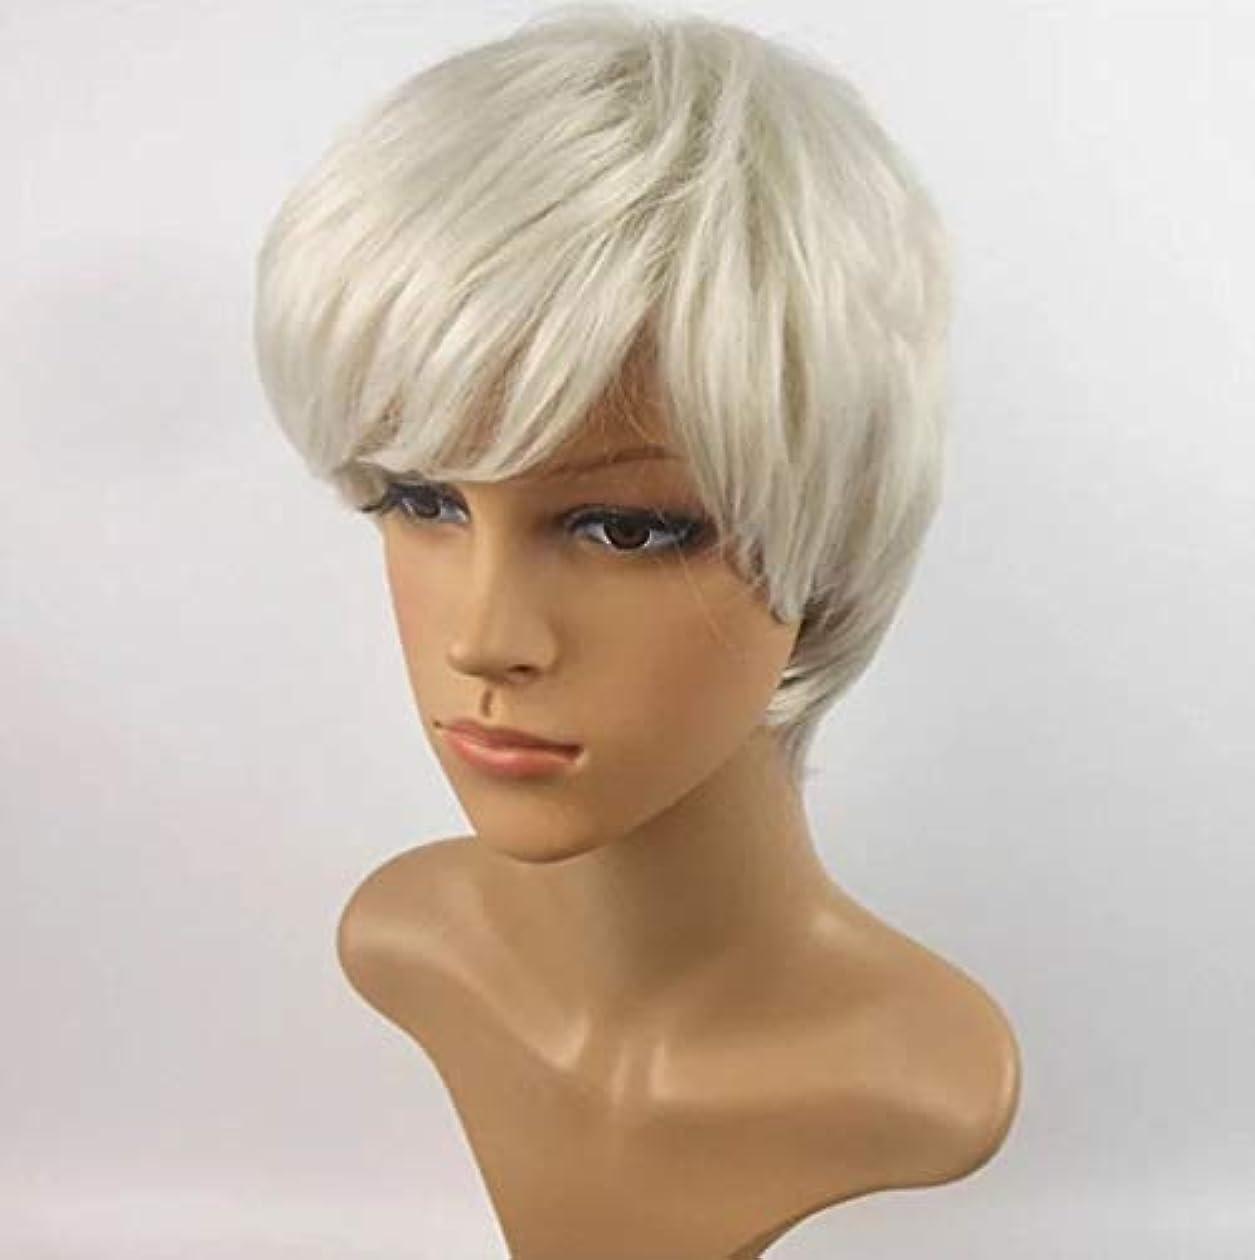 バレル出席機関車Summerys 短い巻き毛のかつら髪かつら女性のための自然な耐熱フルウィッグ (Color : White)